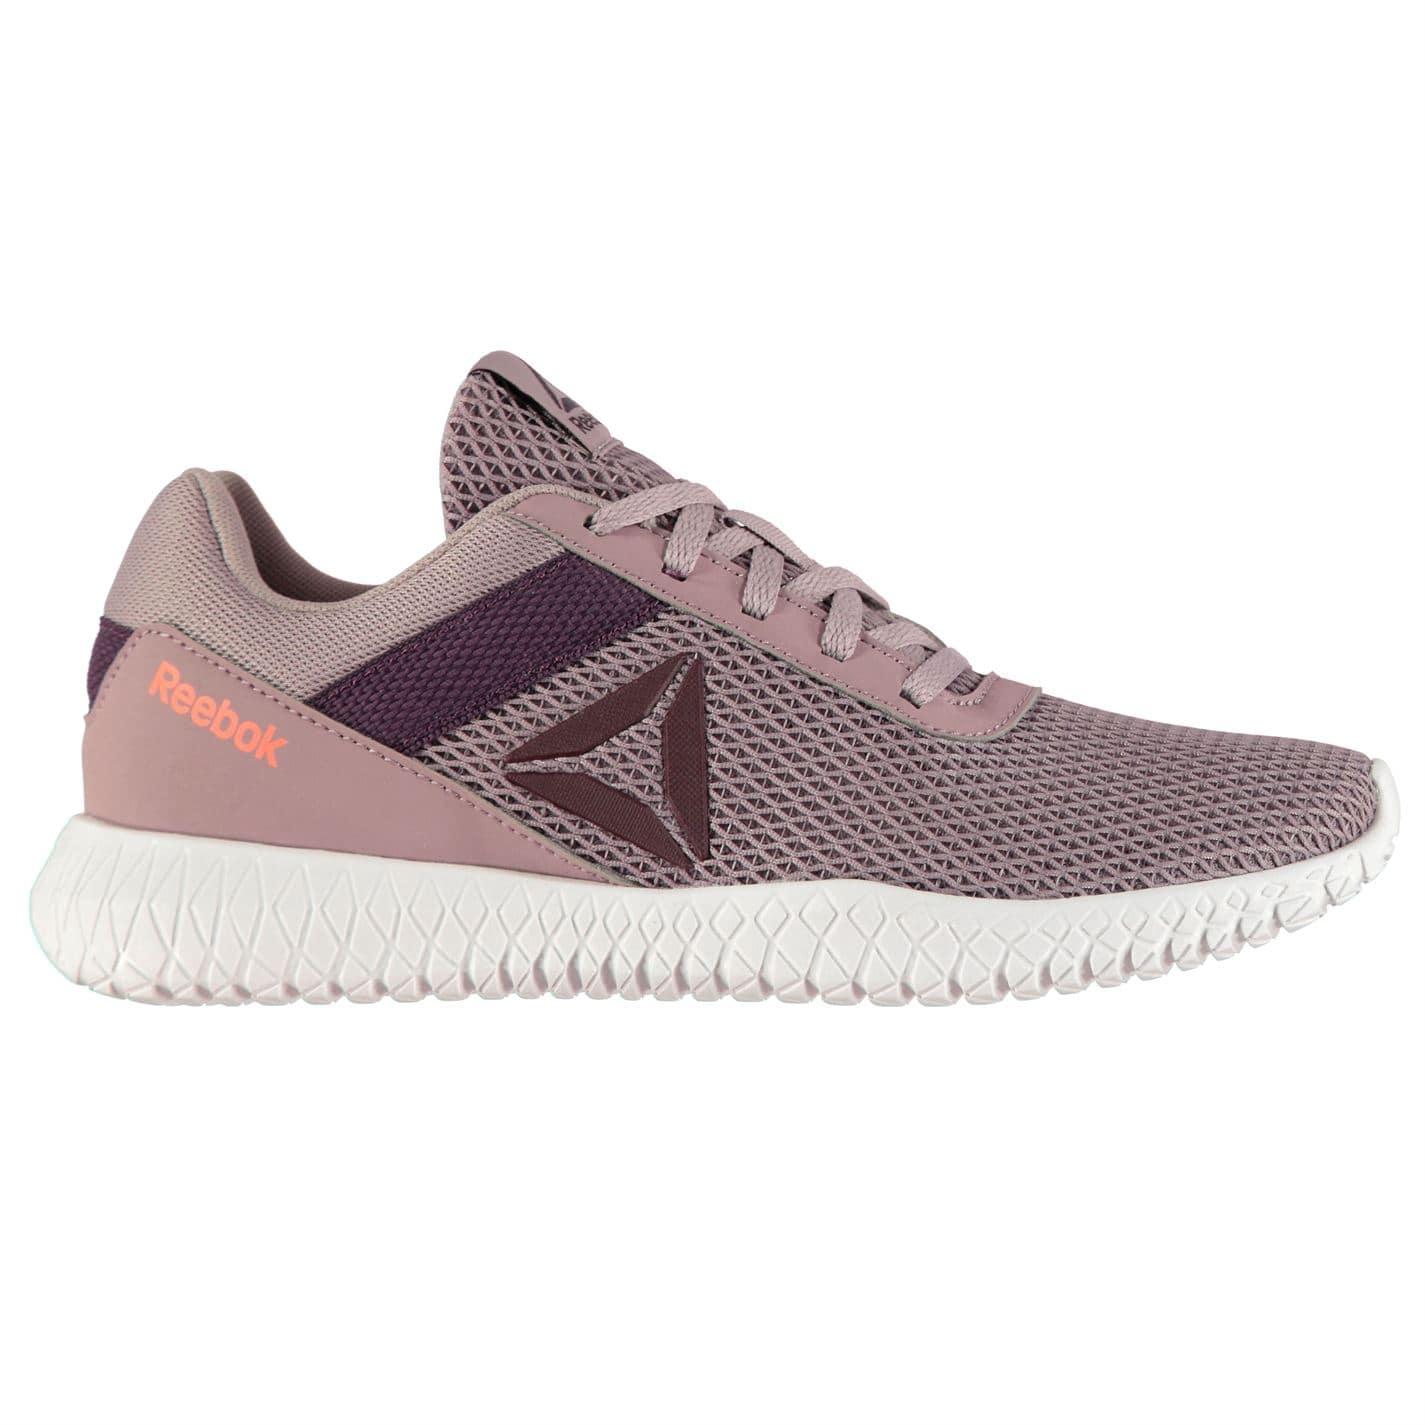 Adidasi pentru fitness femei